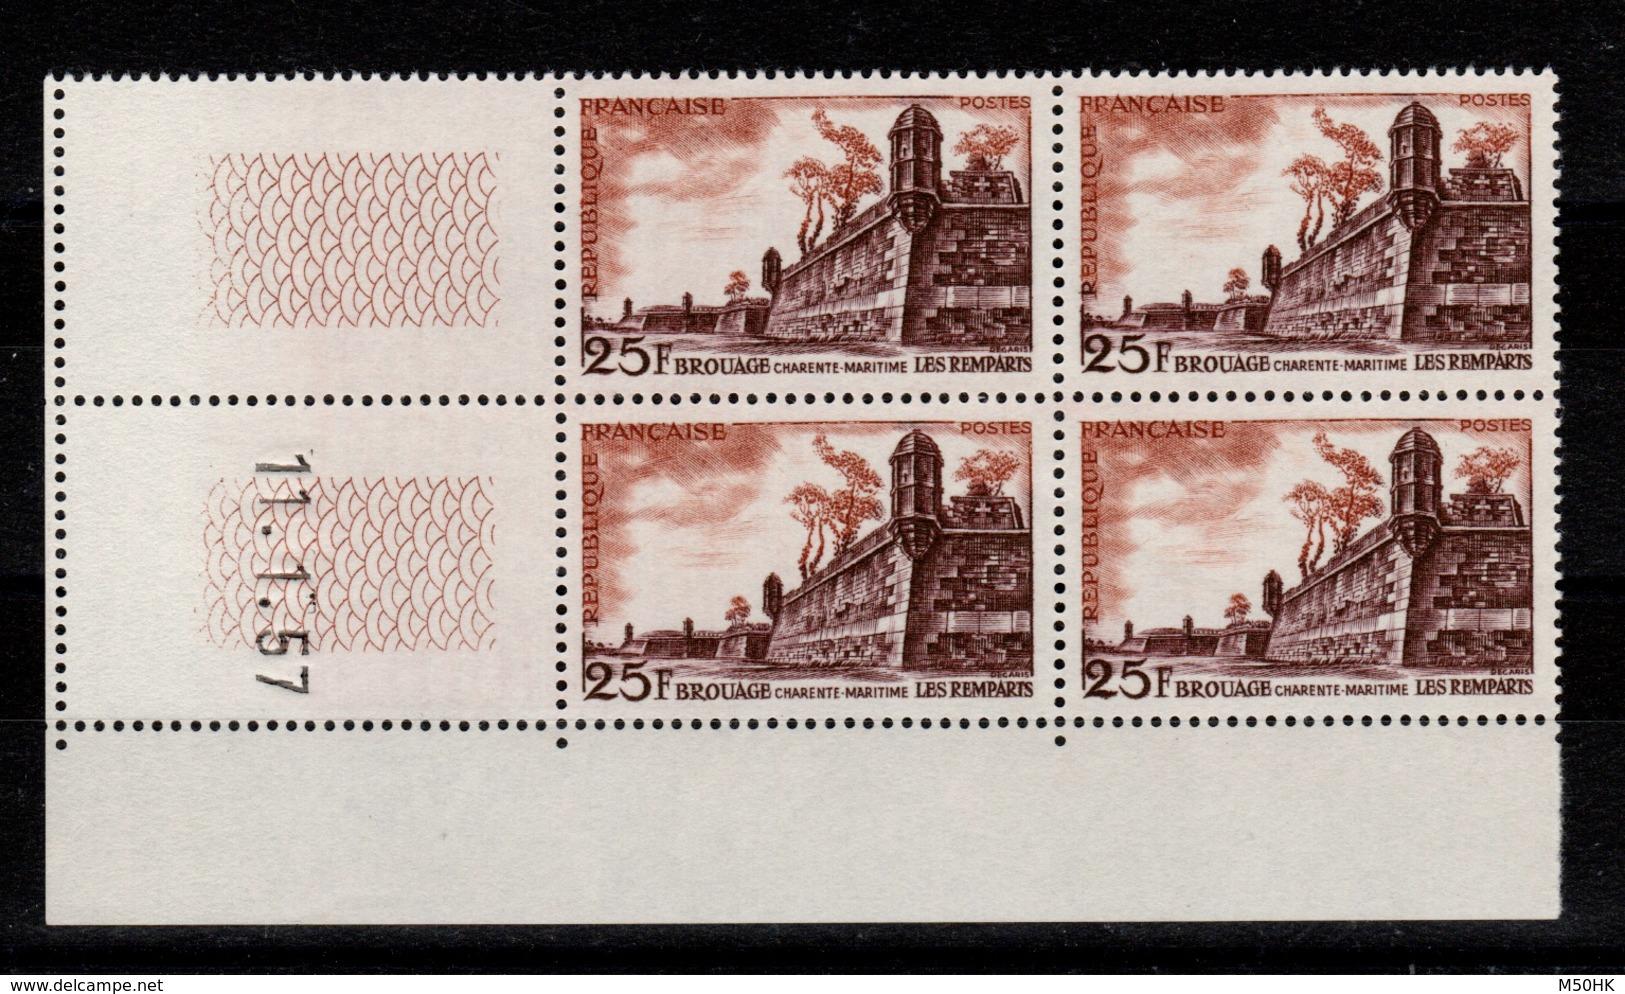 Coin Daté - YV 1042 N** Brouage Coin Daté Du 11.1.57 - 1950-1959